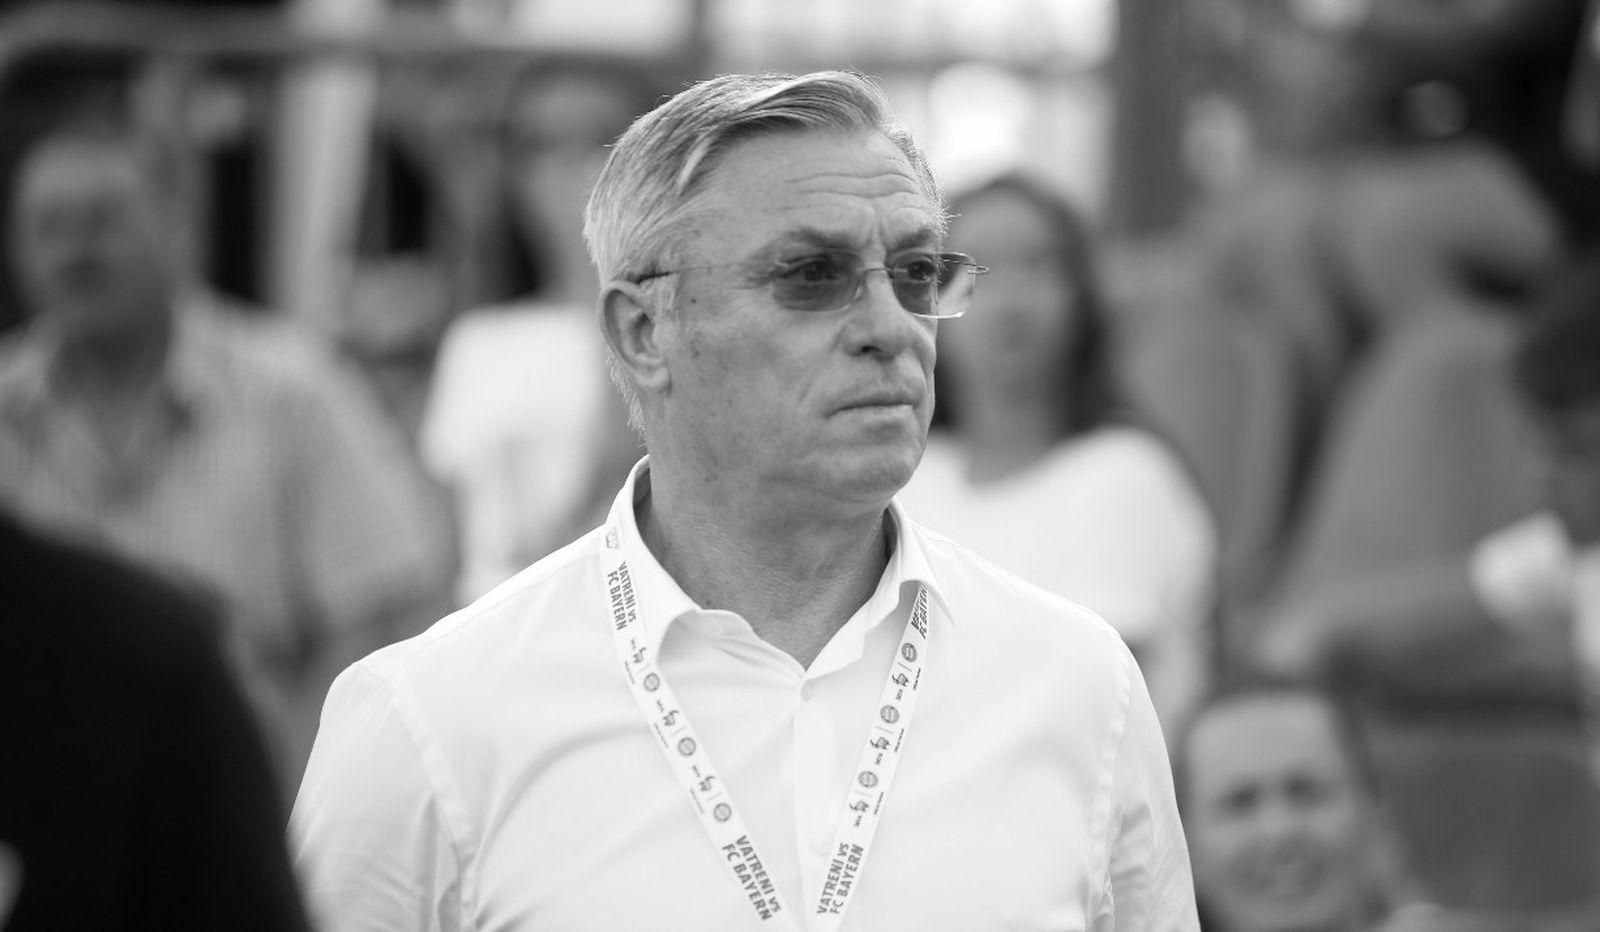 Një legjendë më pak, shuhet kapiteni i parë i kombëtares së Kroacisë